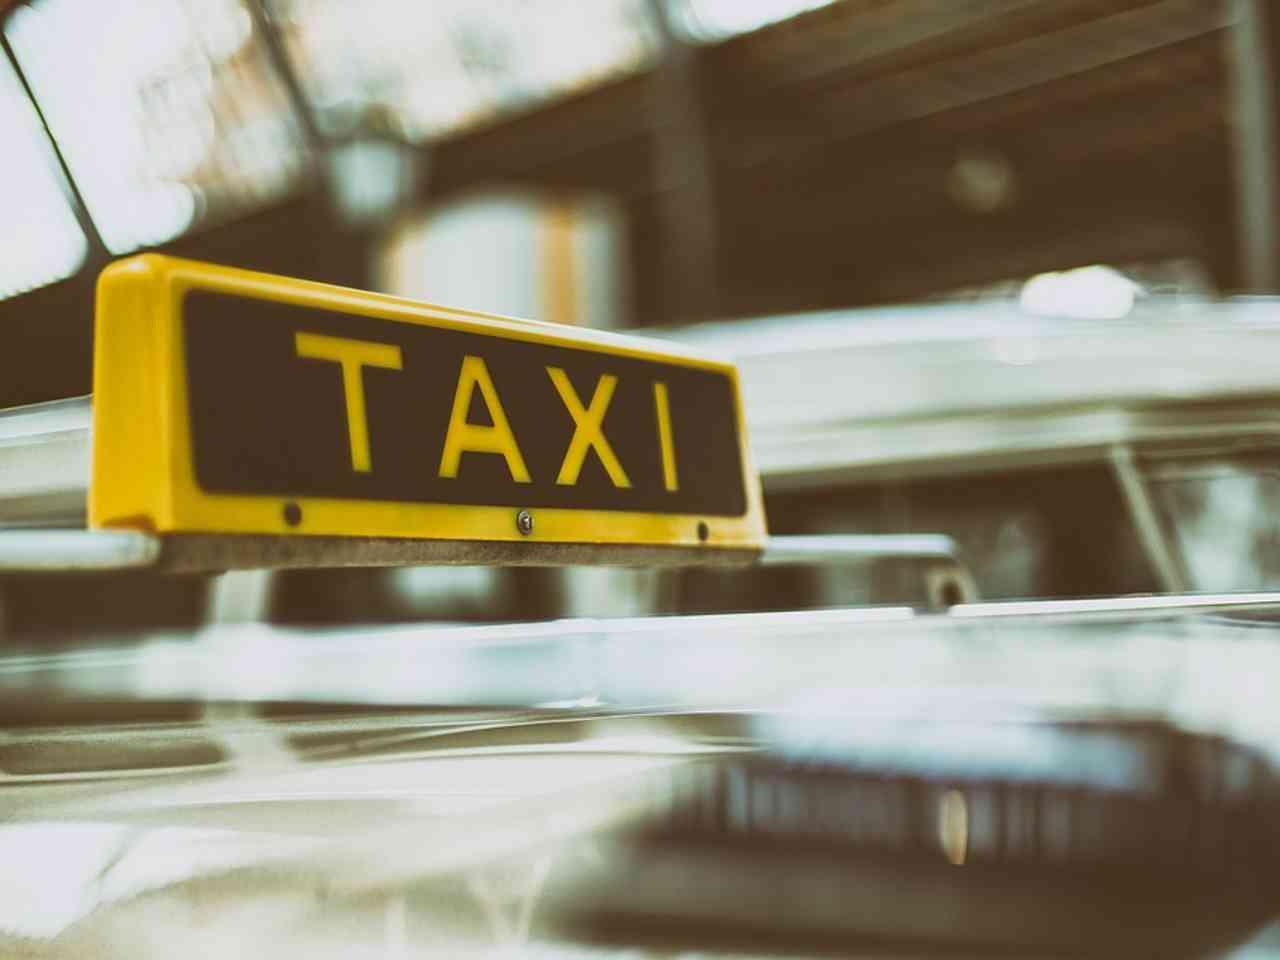 Taksowka – moda cz -konieczność